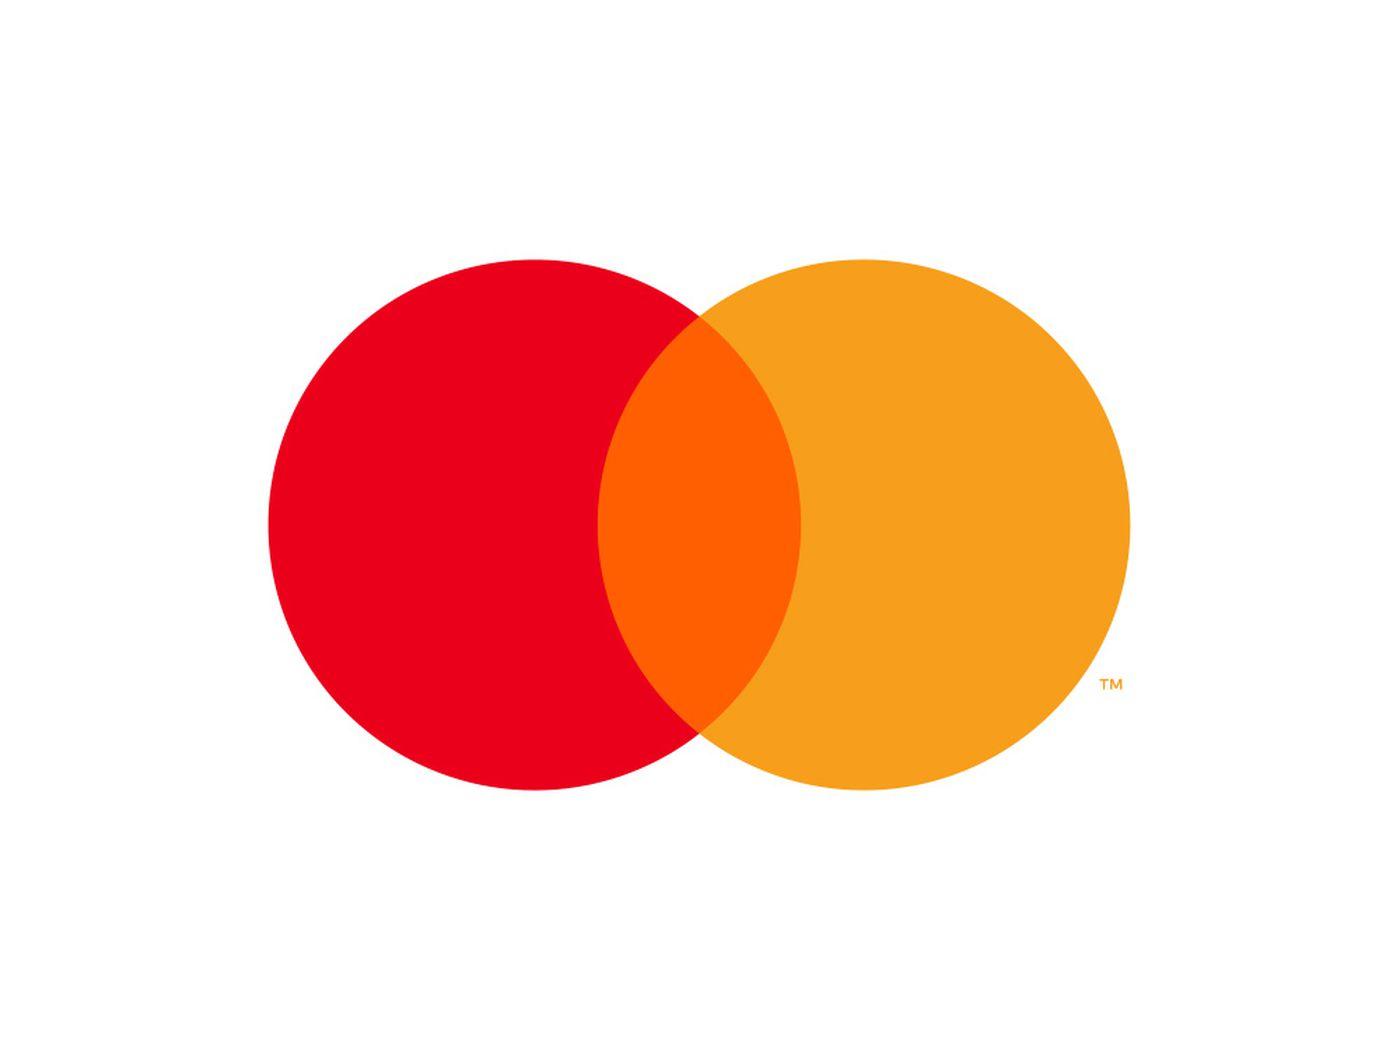 Mastercard's rebranded logo